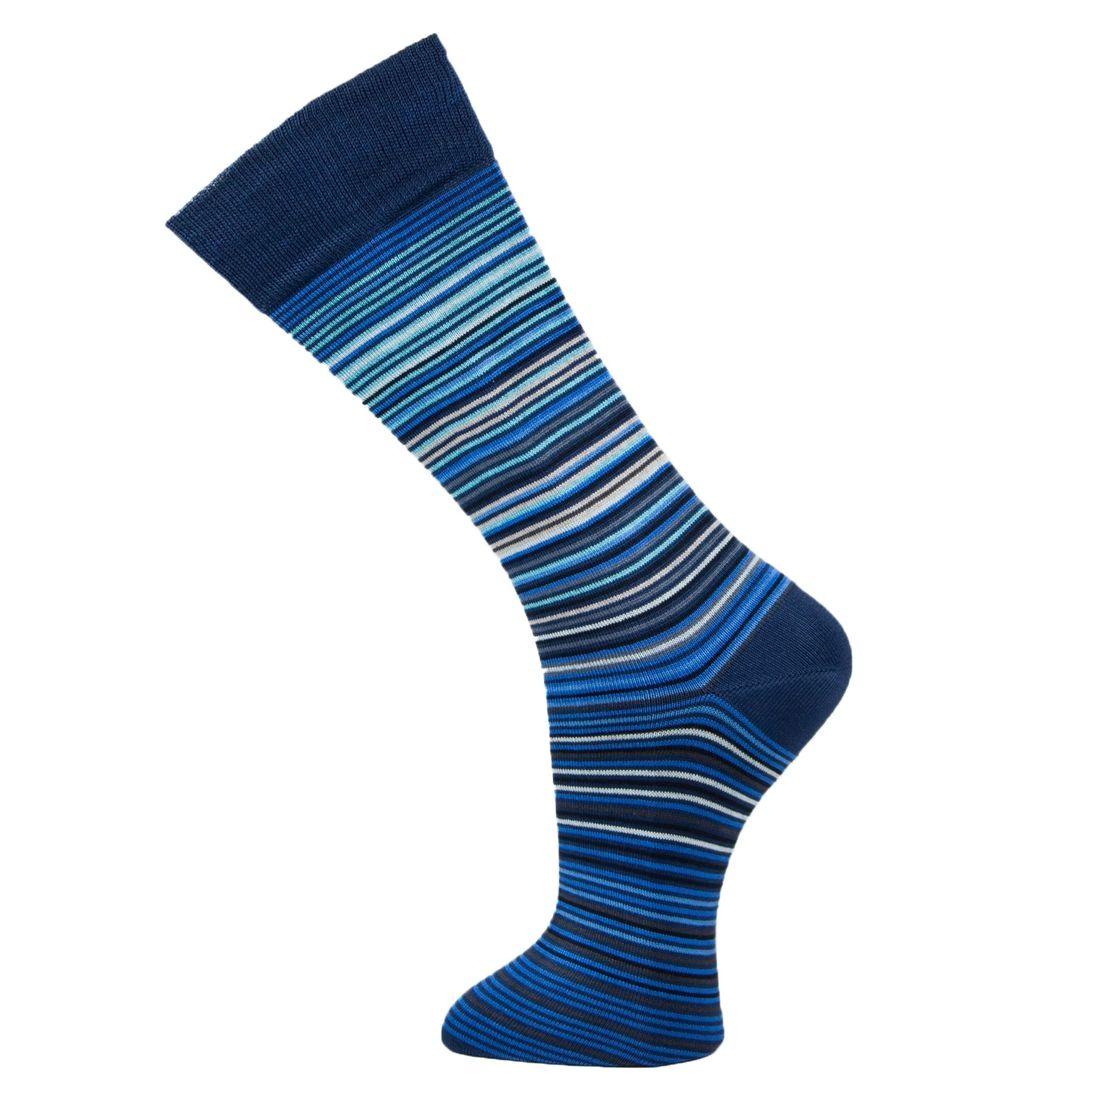 Afbeelding van Effio sokken stripes no. 508 heren